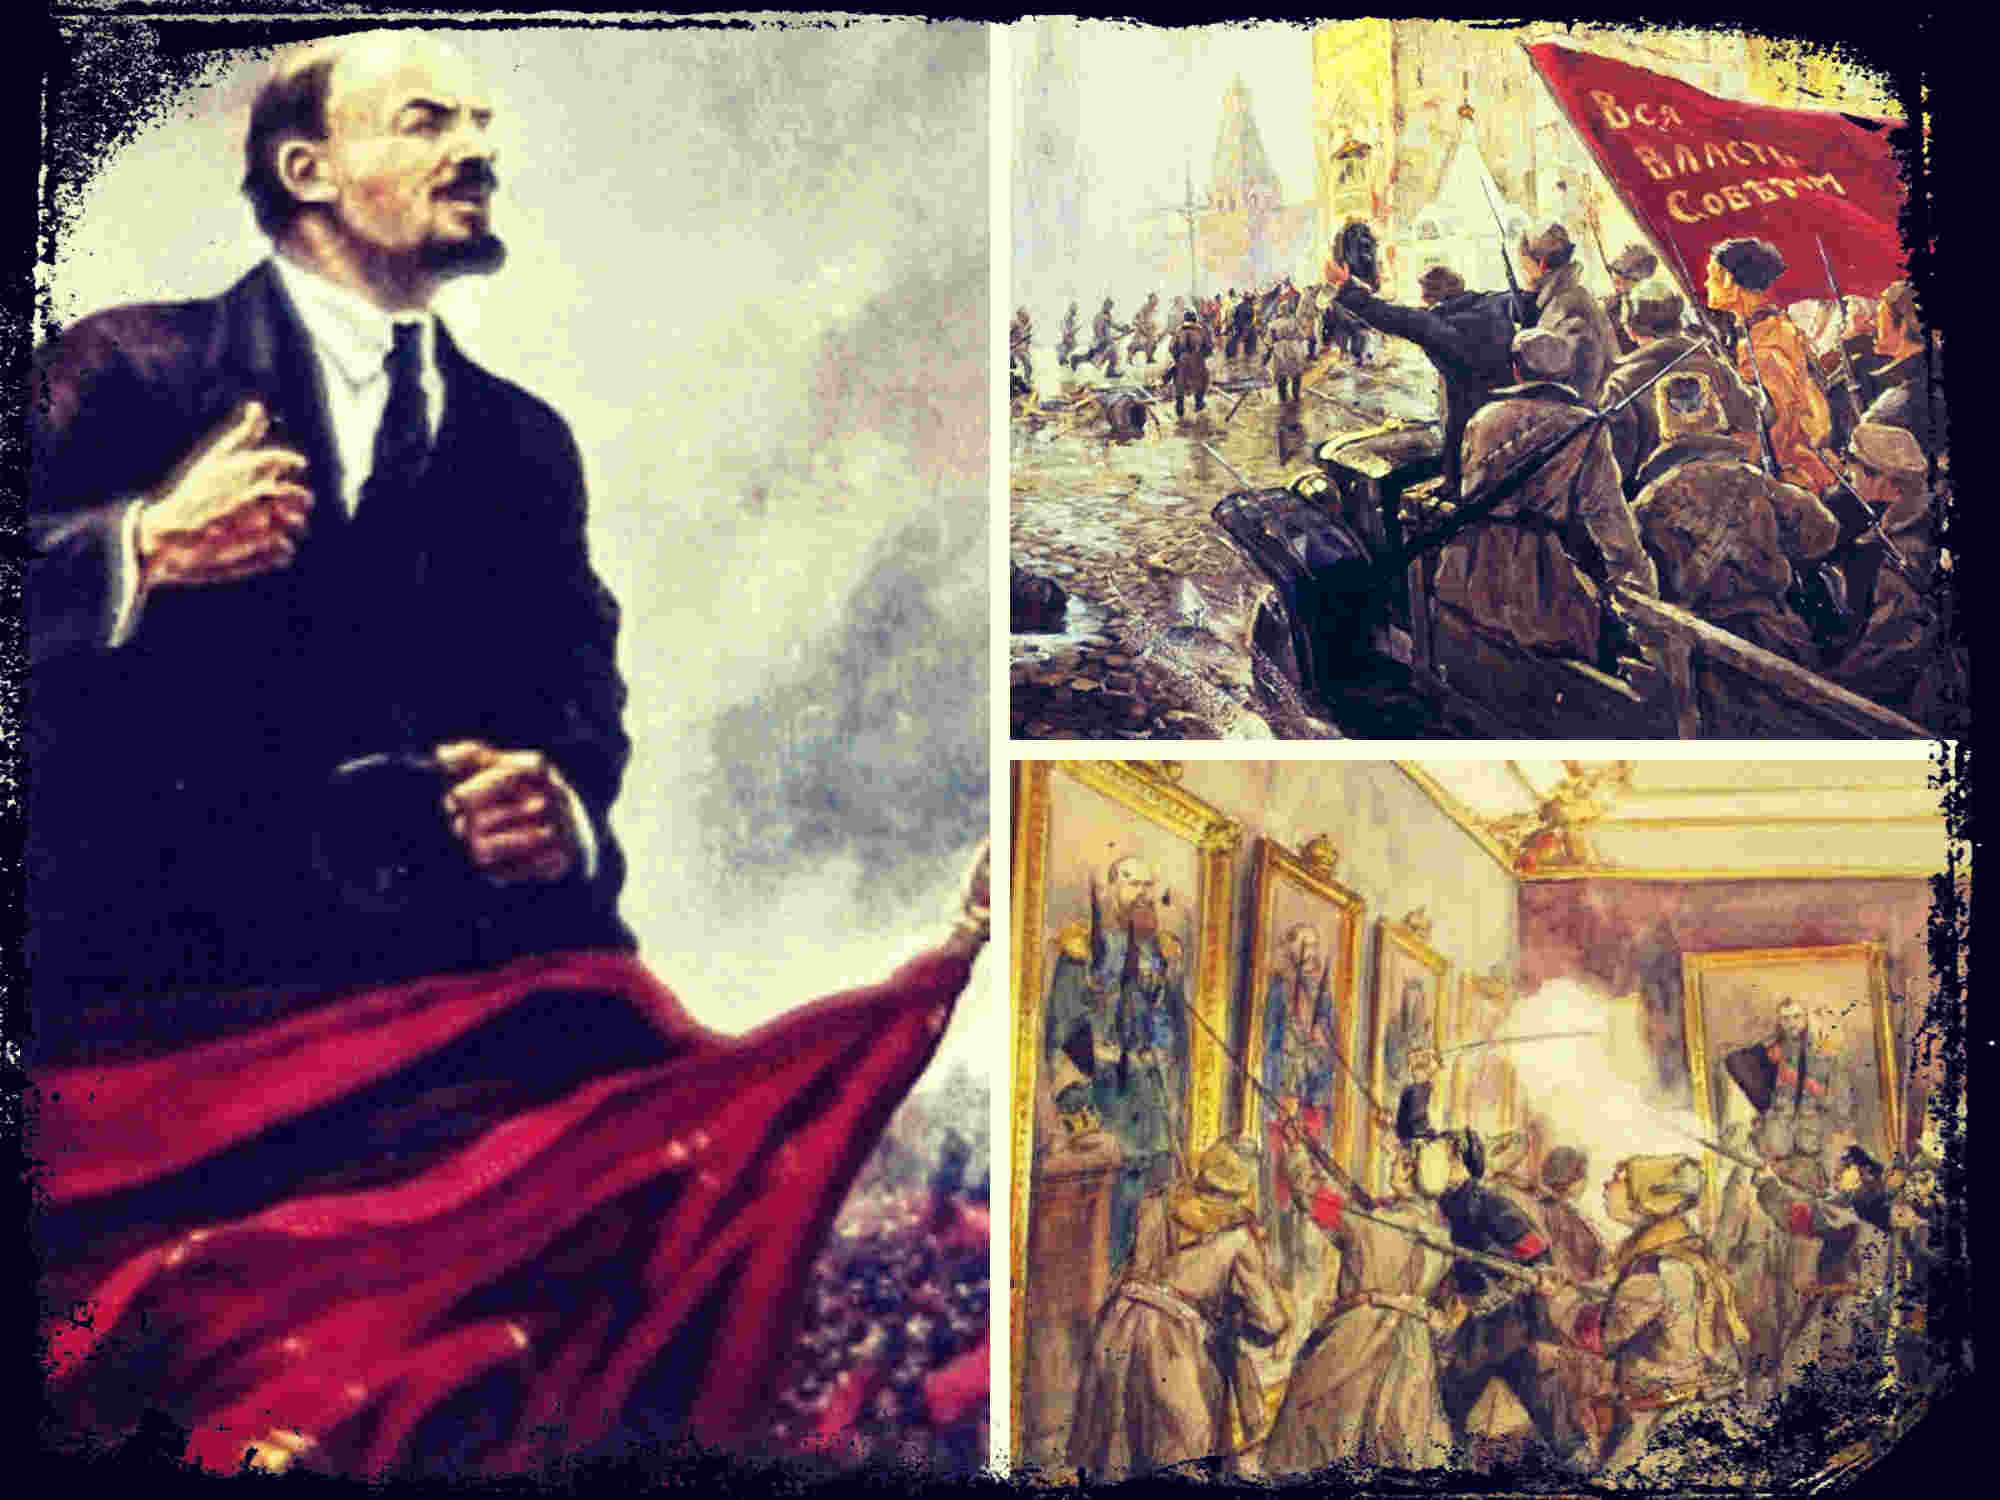 La Revolución Rusa y la toma del Palacio de Invierno